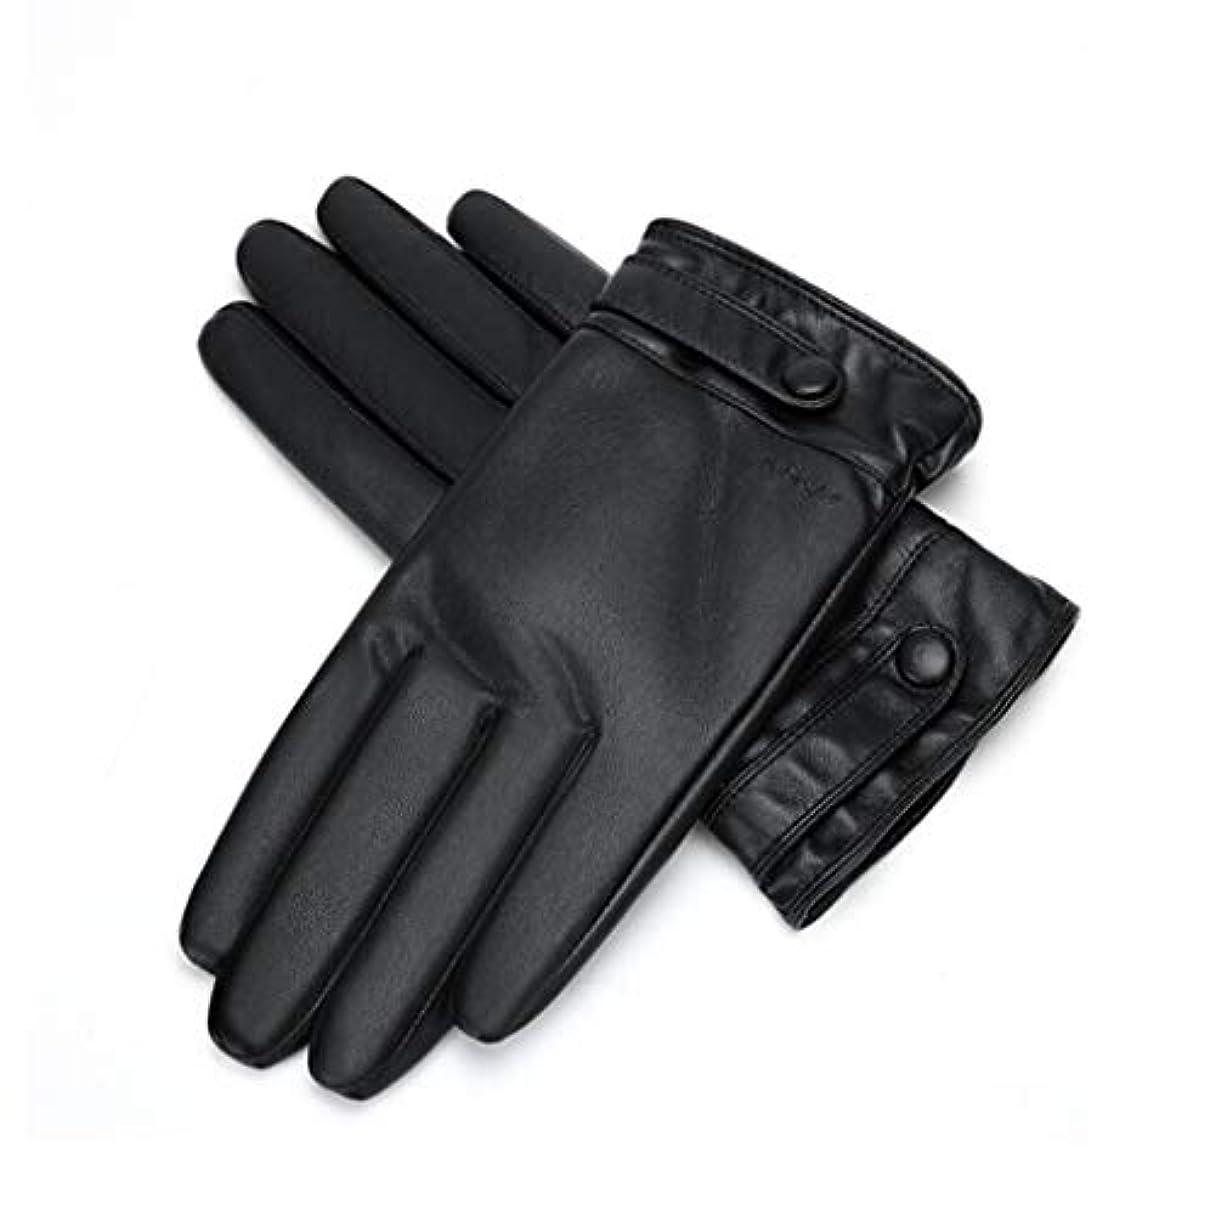 微生物多様性合わせて暖かい秋と冬を保つためにメンズ革手袋のタッチスクリーンメンズ自転車厚いぬいぐるみ手袋 (サイズ さいず : L21*8.9cm)